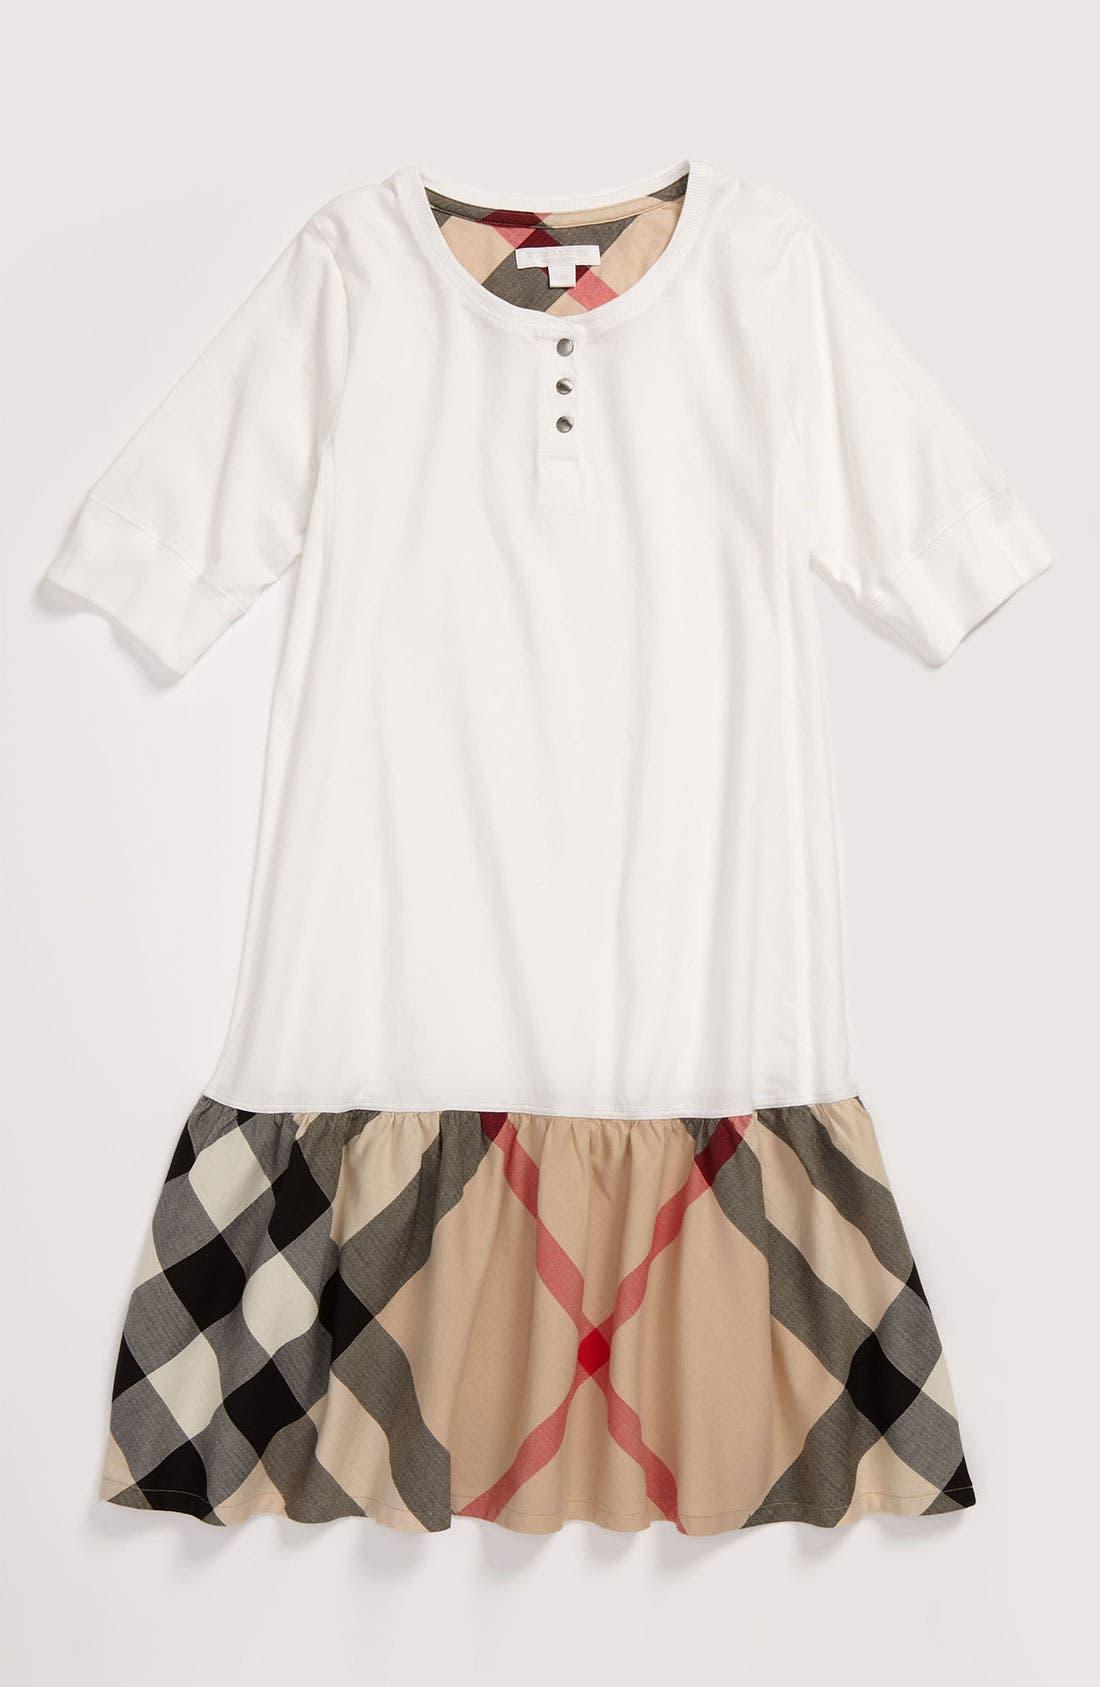 Alternate Image 1 Selected - Burberry Drop Waist Jersey Dress (Little Girls & Big Girls)